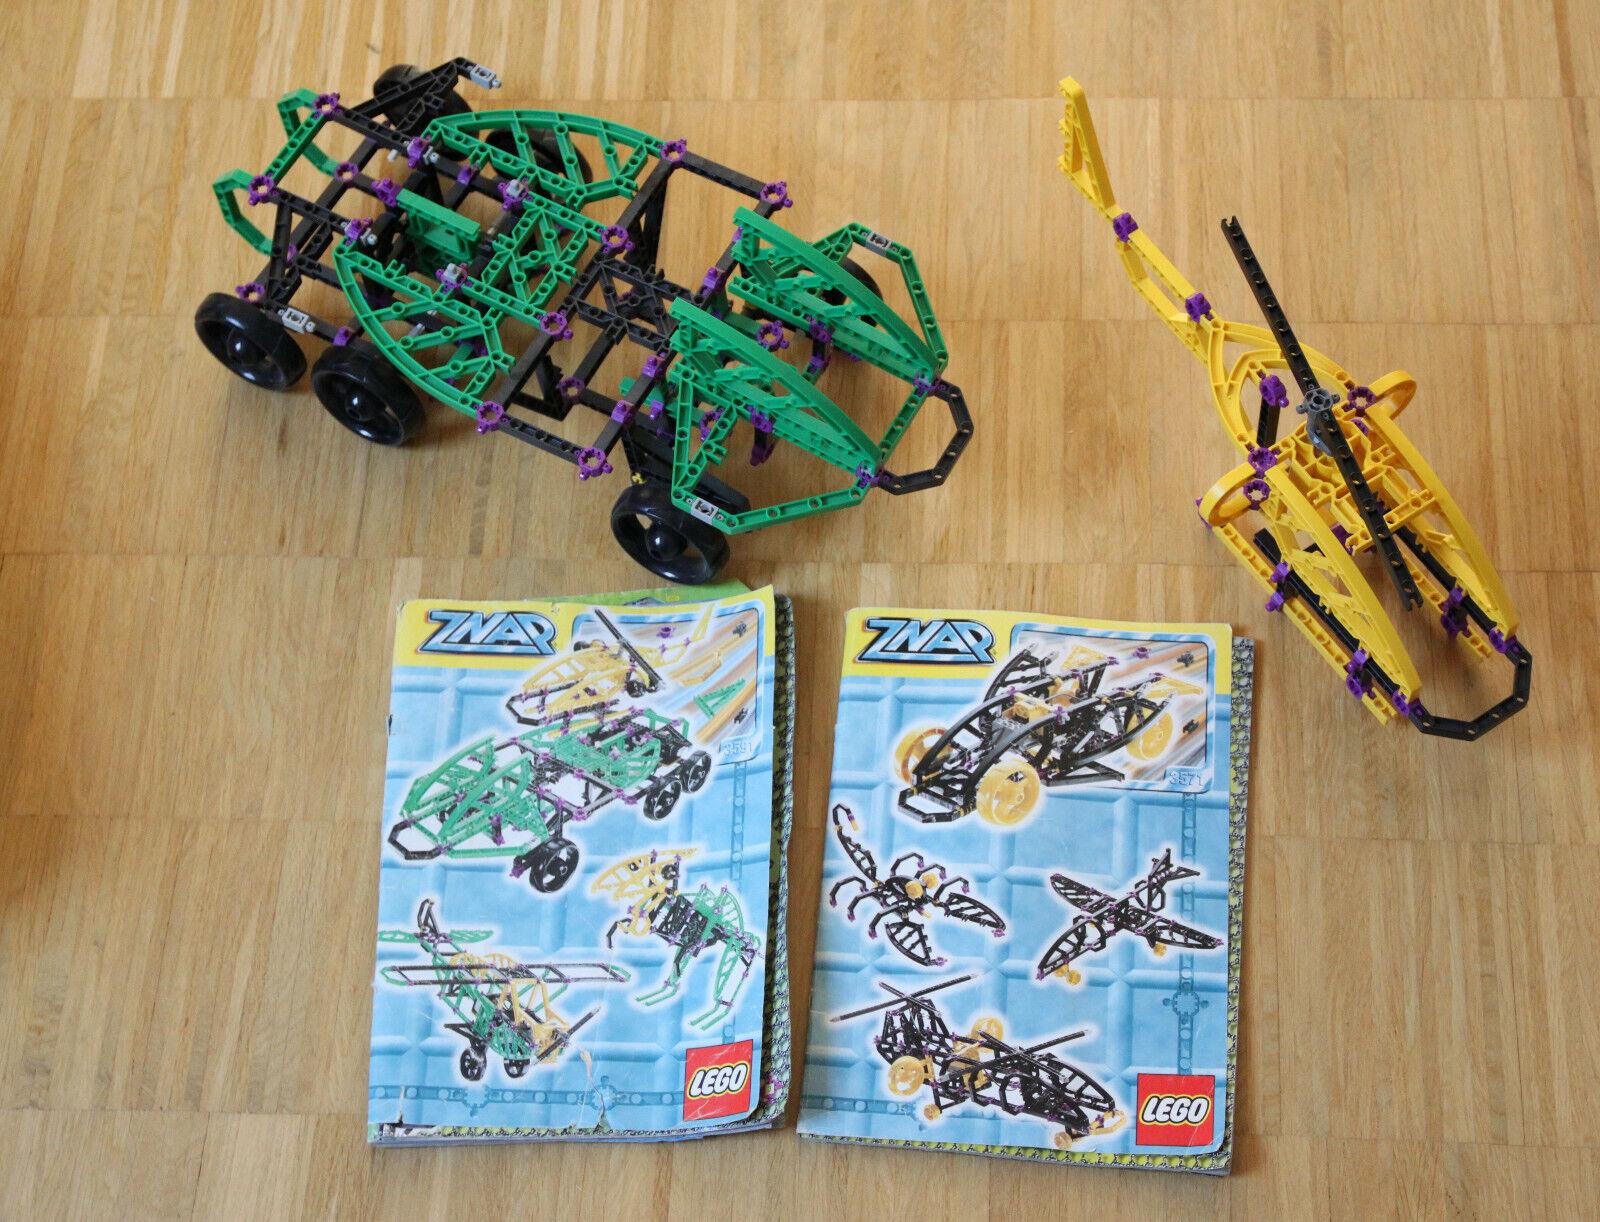 Lego ZNAP Konvolut-Kiste 2 Bauanleitungen 3571 3591 - Bitte Beschreibung lesen )